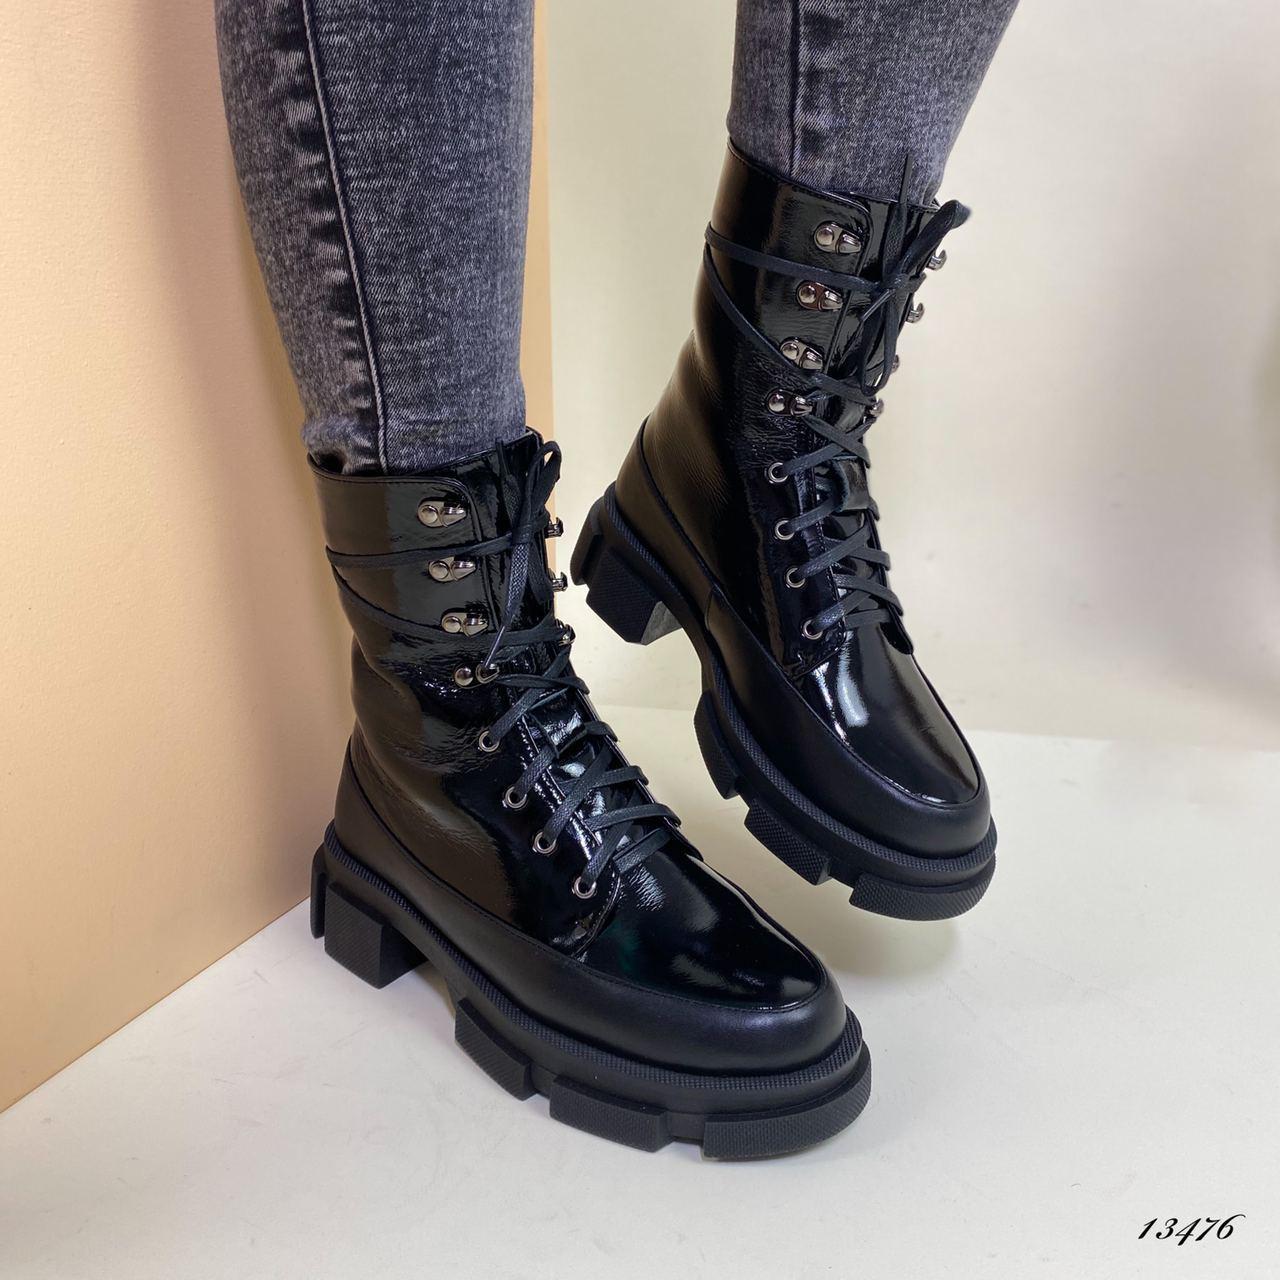 Ботинки зимние высокие женские кожаные чёрные